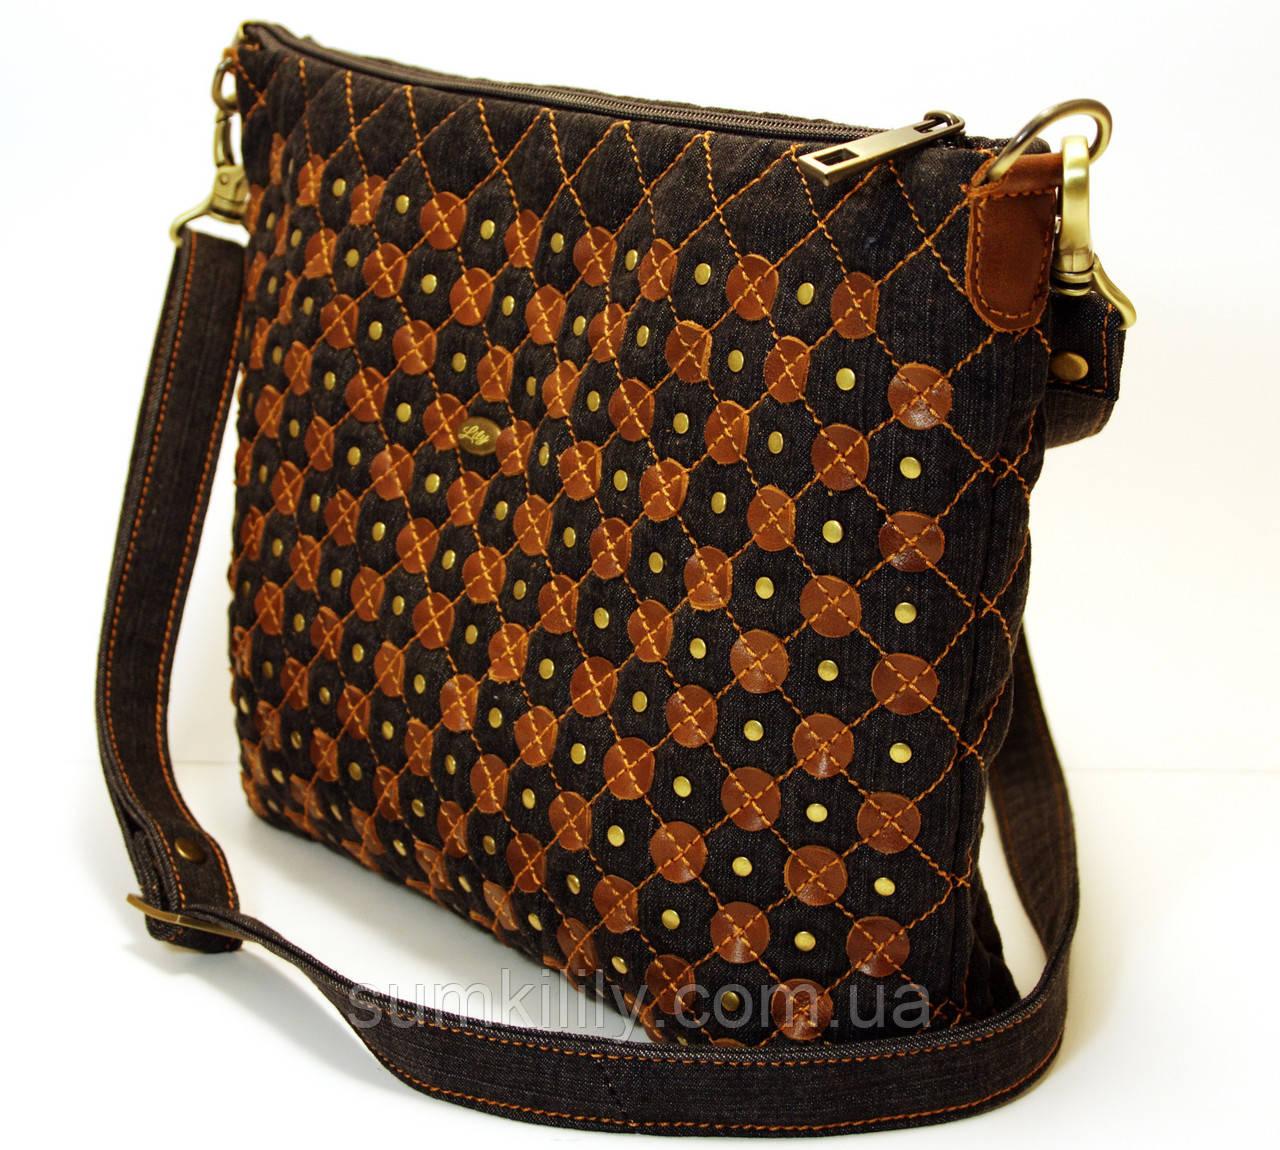 0d5cf3ee33fc Женская джинсовая сумочка с рыжими кожаными кружочками , цена 620 грн.,  купить в Днепре — Prom.ua (ID#516299781)